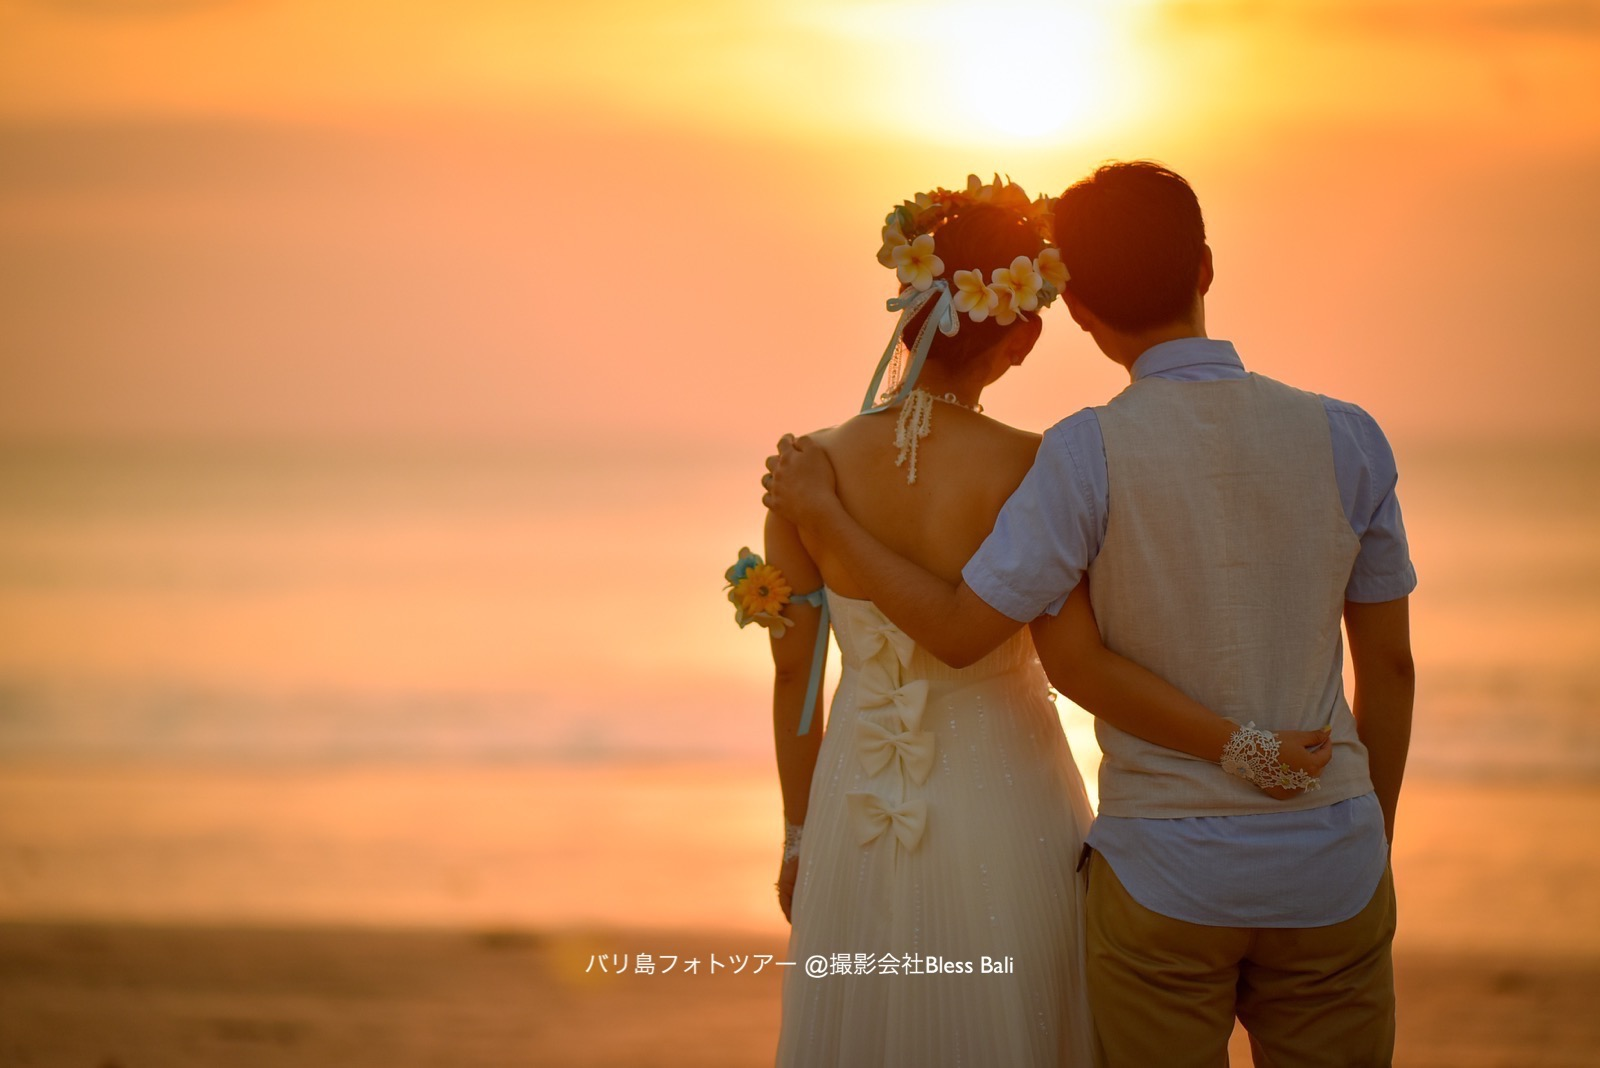 バリ島サンセットフォト 花嫁花婿の後ろ姿